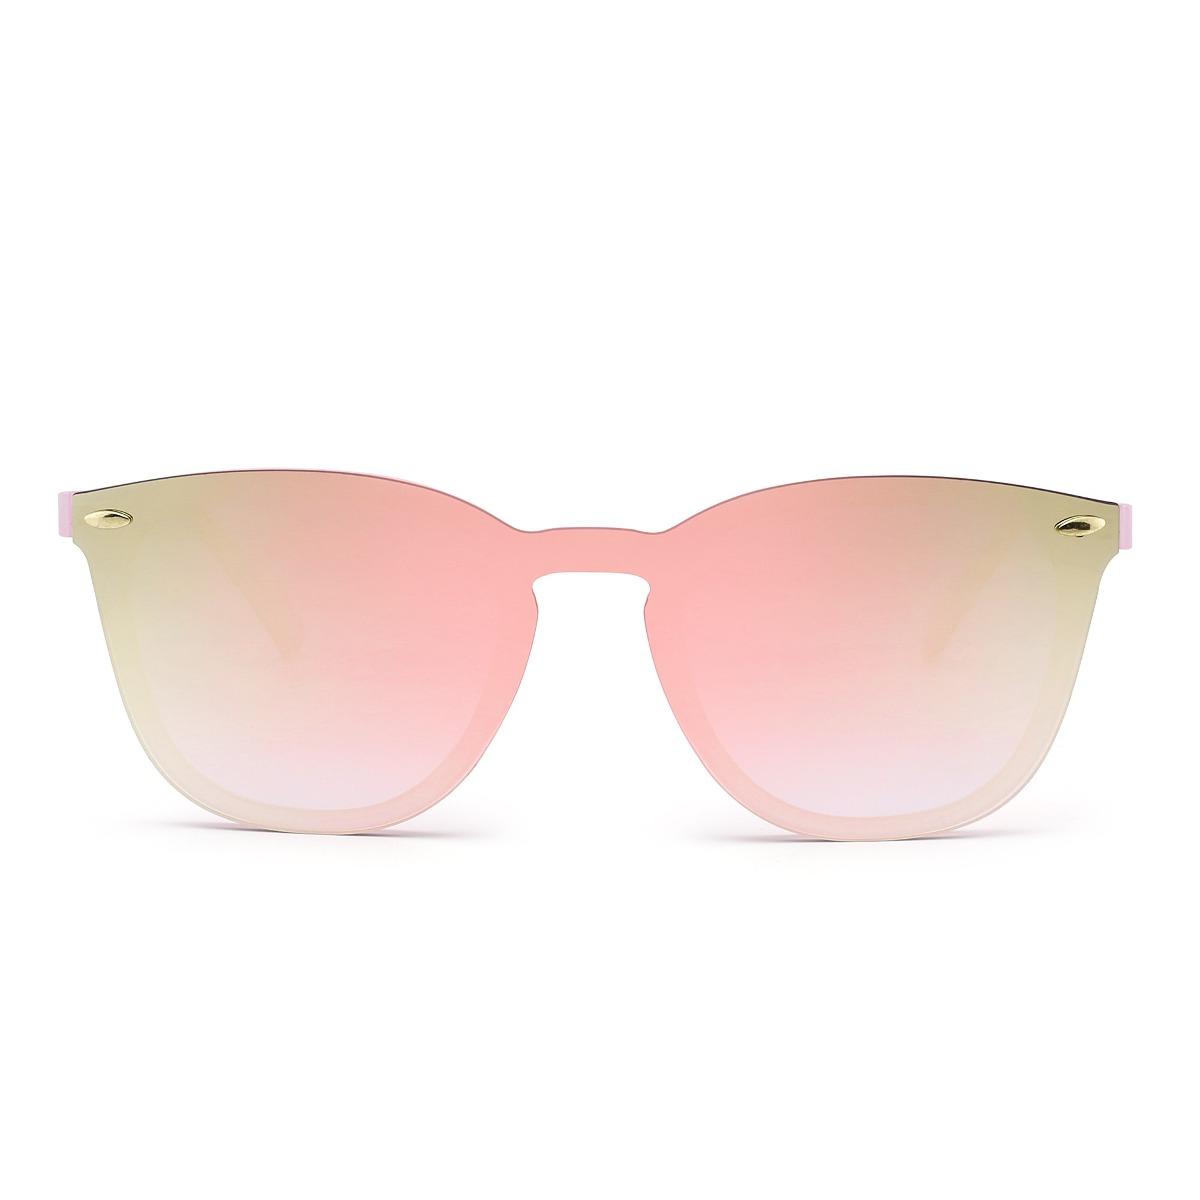 31f1534889 Ropa y Accesorios · Lentes · Monturas. Compartir. Compartir. Vender uno  igual. gafas de sol sin montura wayfarer espejo reflexivo del es. Cargando  zoom.